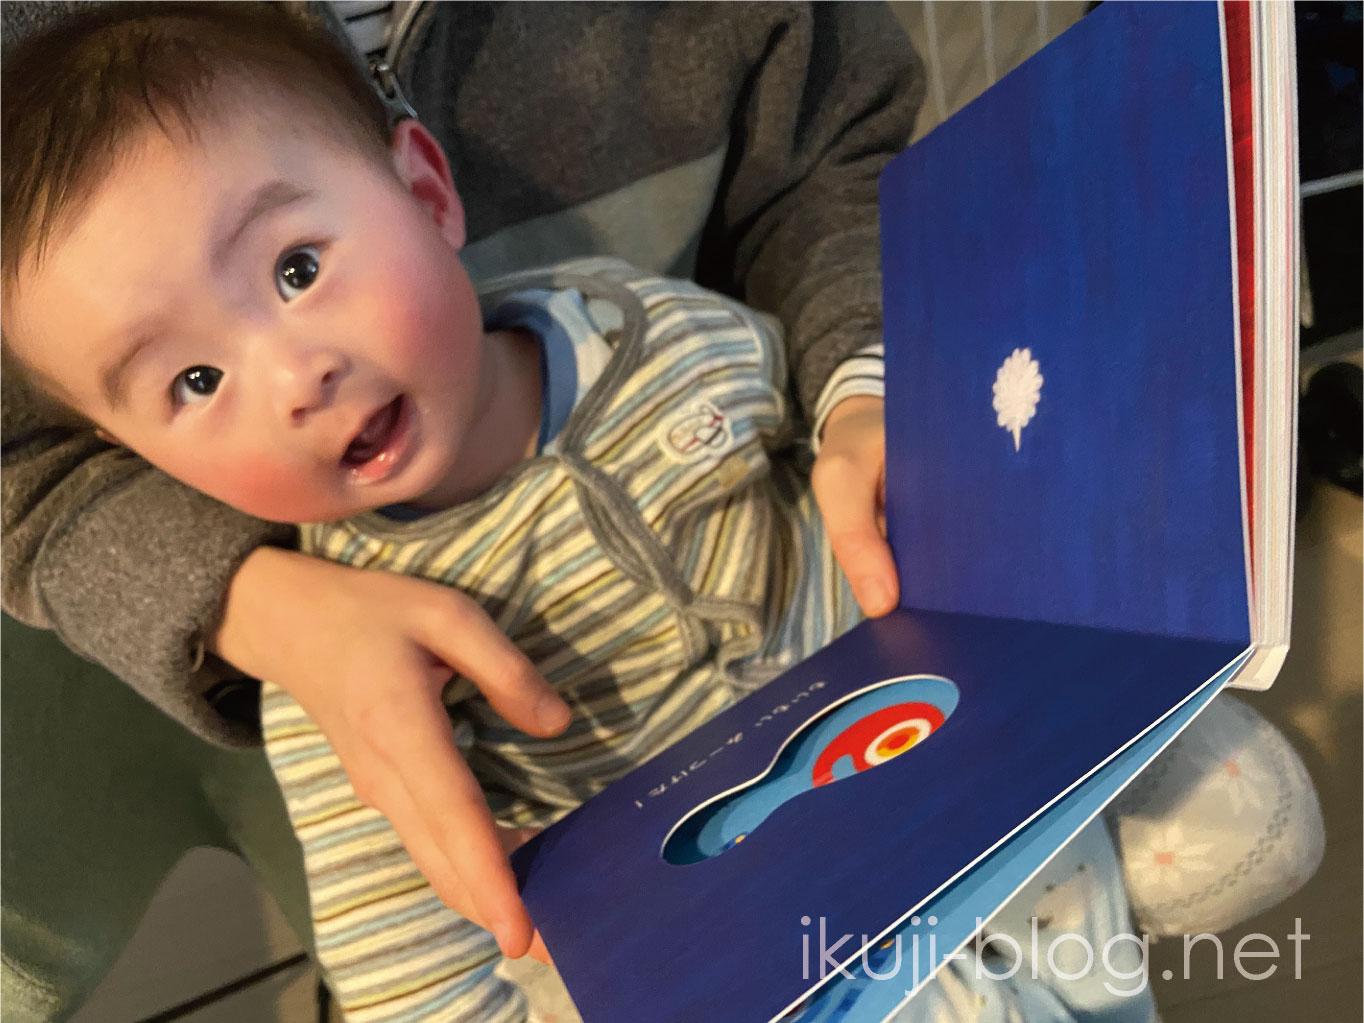 もいもいどこどこを読んで喜ぶ赤ちゃん